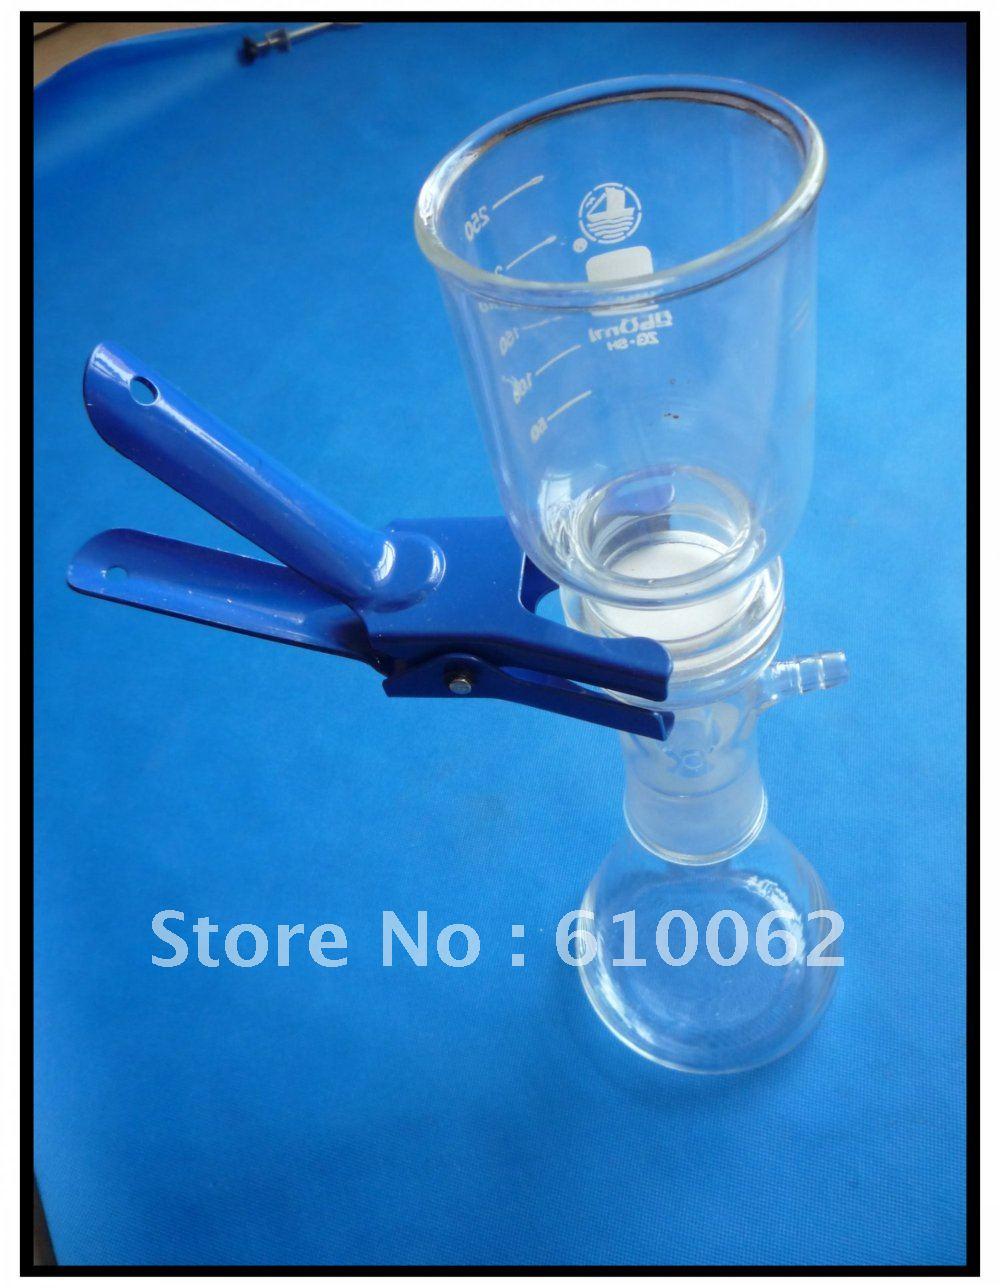 Dispositif de filtration daspiration sous vide, appareil de filtration Buchner, avec flacon filtrant 500 mlDispositif de filtration daspiration sous vide, appareil de filtration Buchner, avec flacon filtrant 500 ml